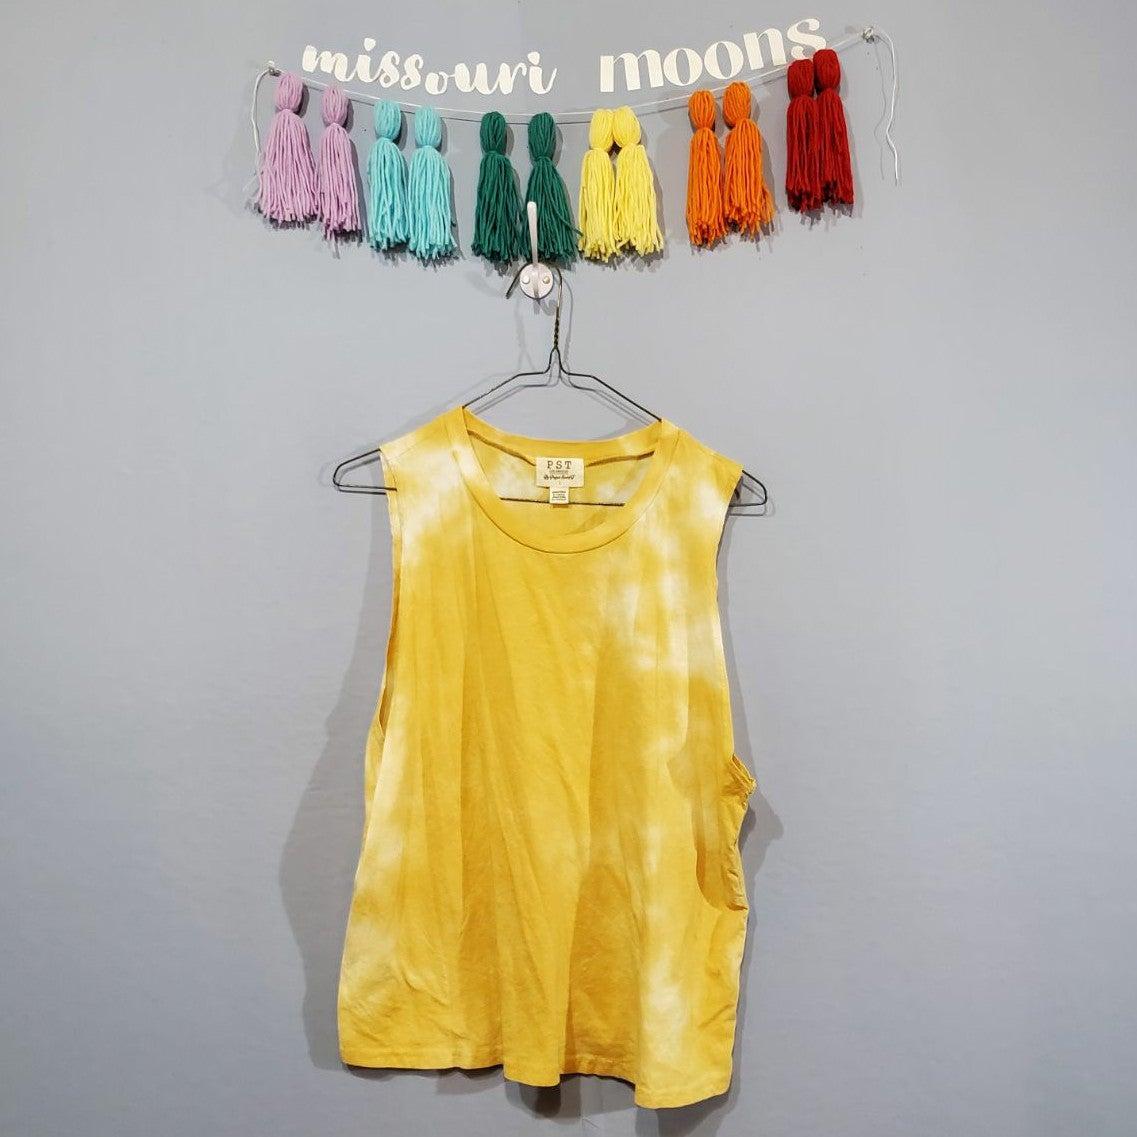 PST Yellow Tie Dye Muscle Tank